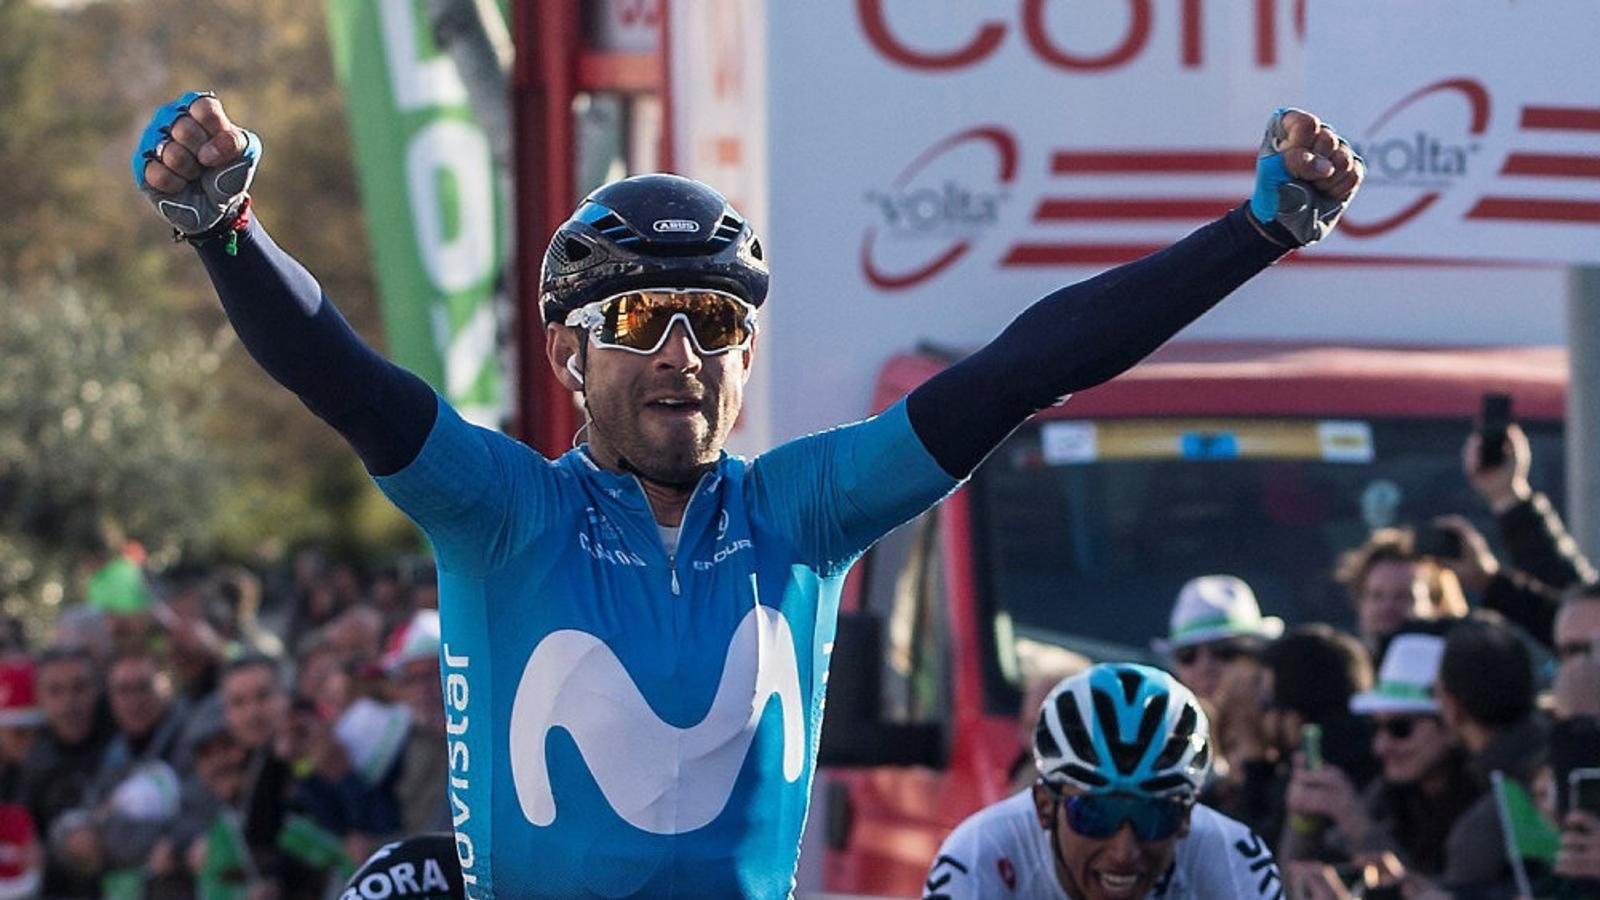 El murcià Alejandro Valverde celebrant el triomf a la segona etapa de la Volta, a Valls.